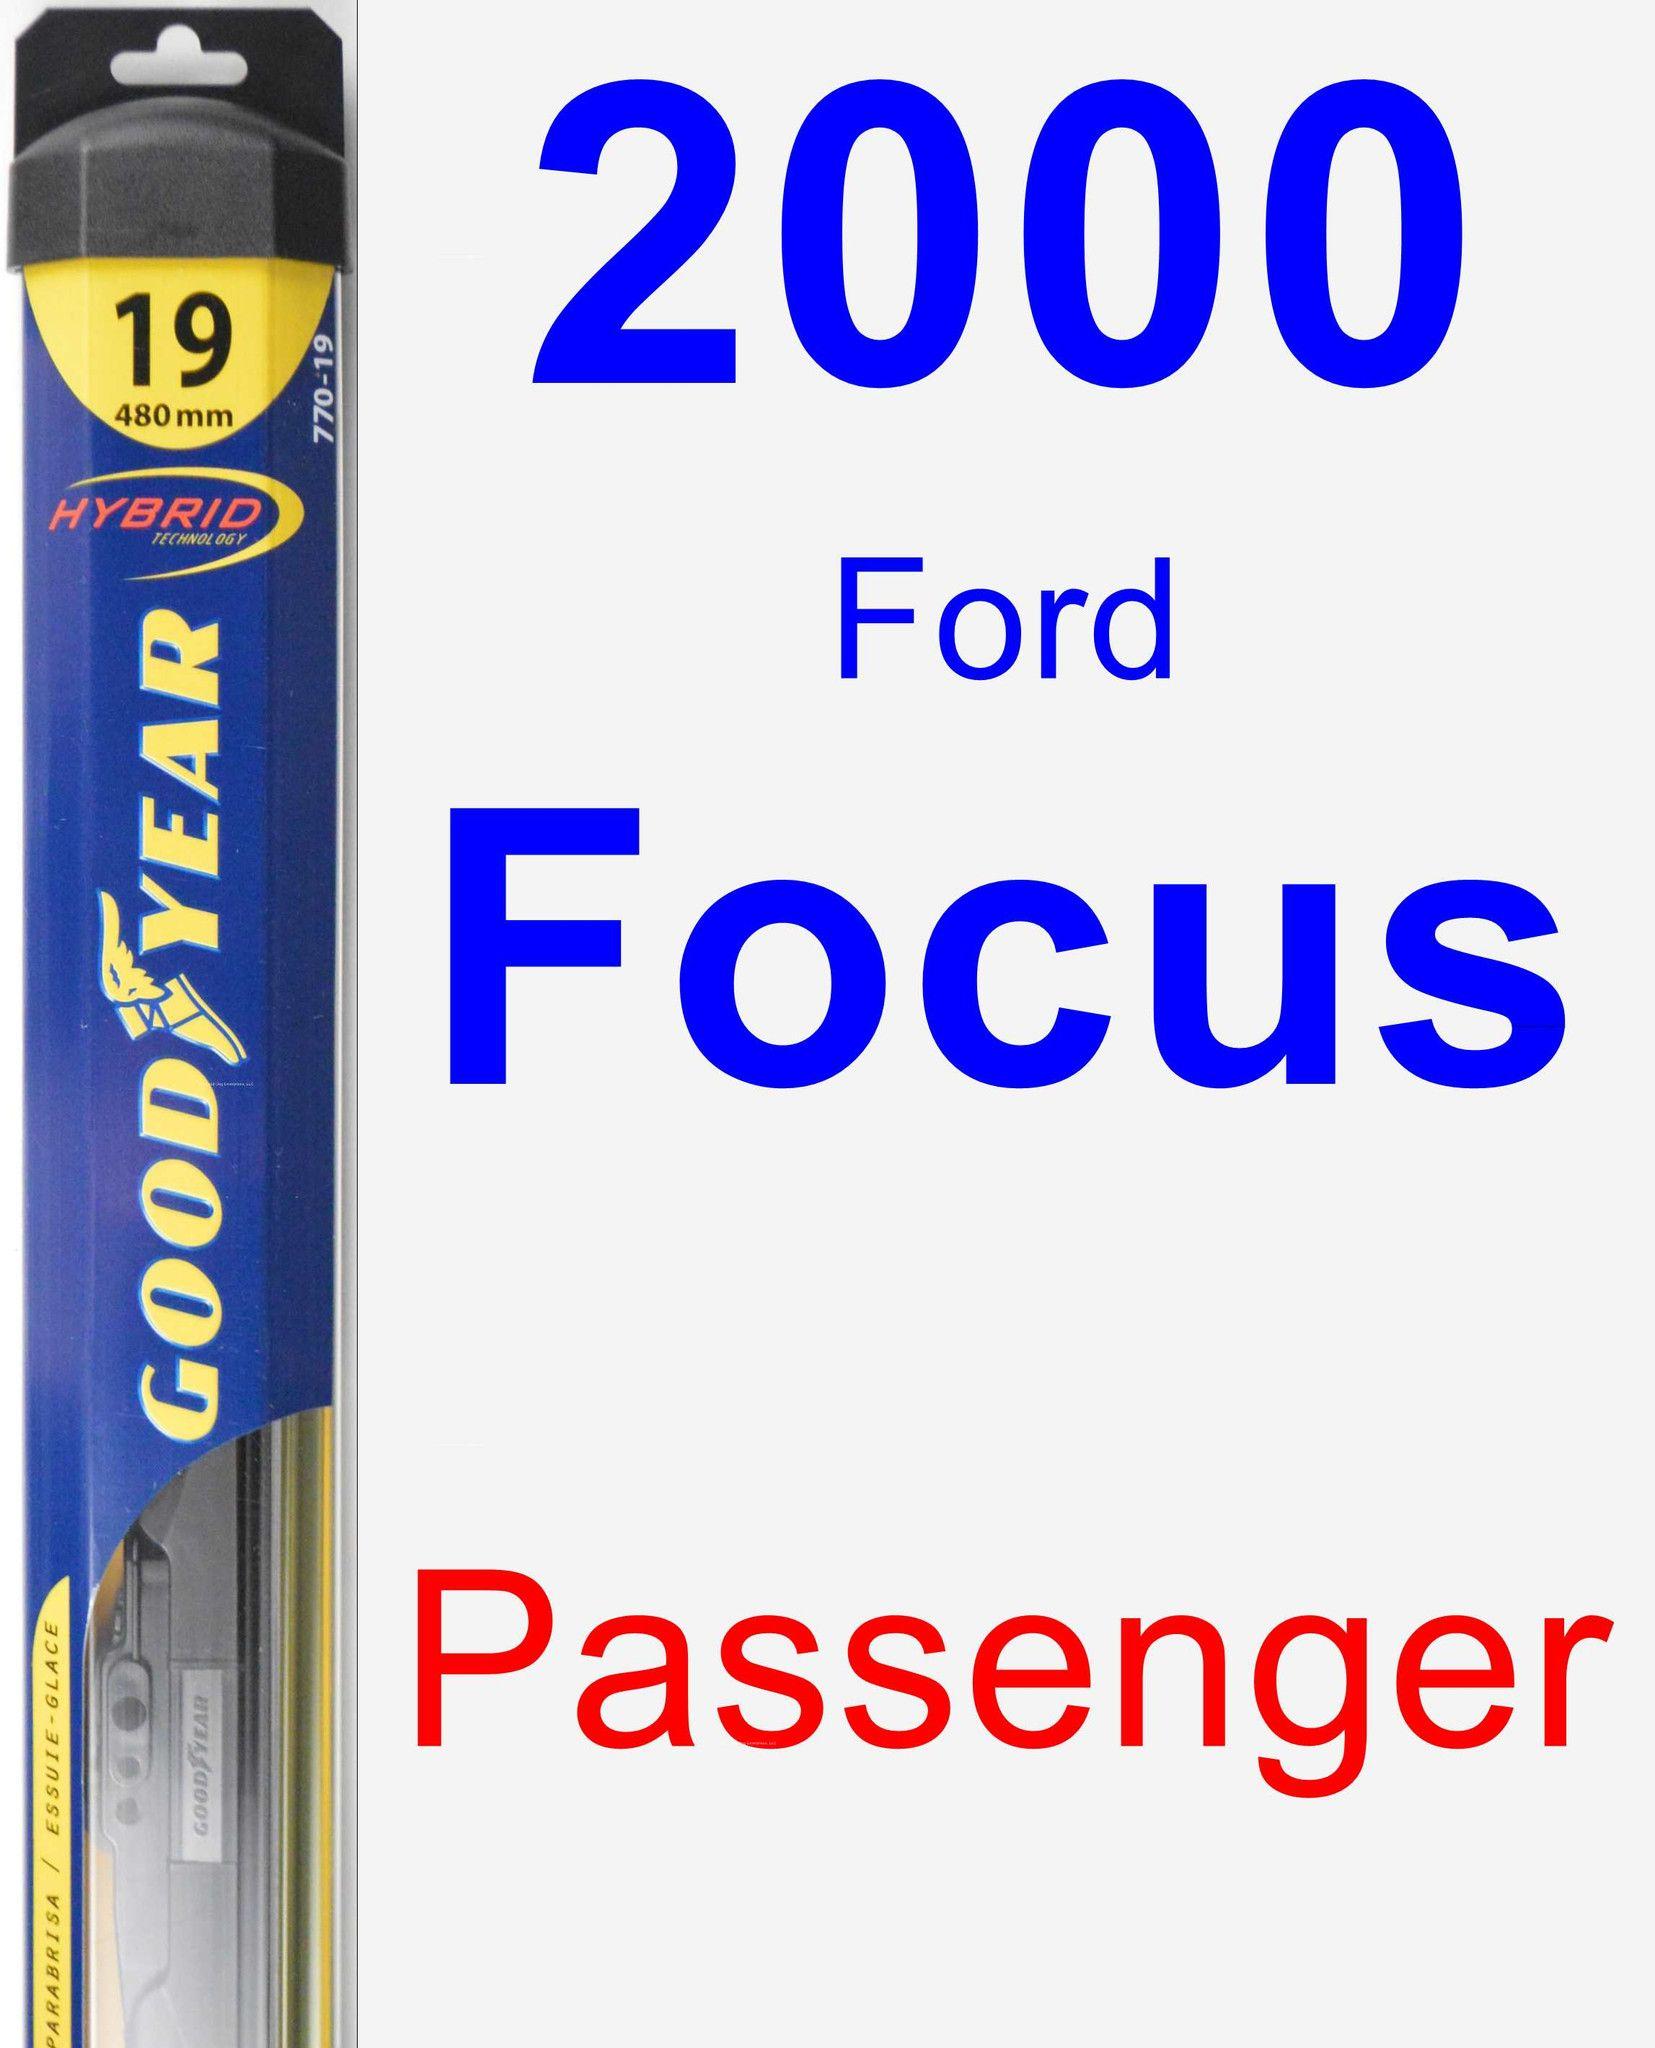 Passenger Wiper Blade for 2000 Ford Focus - Hybrid